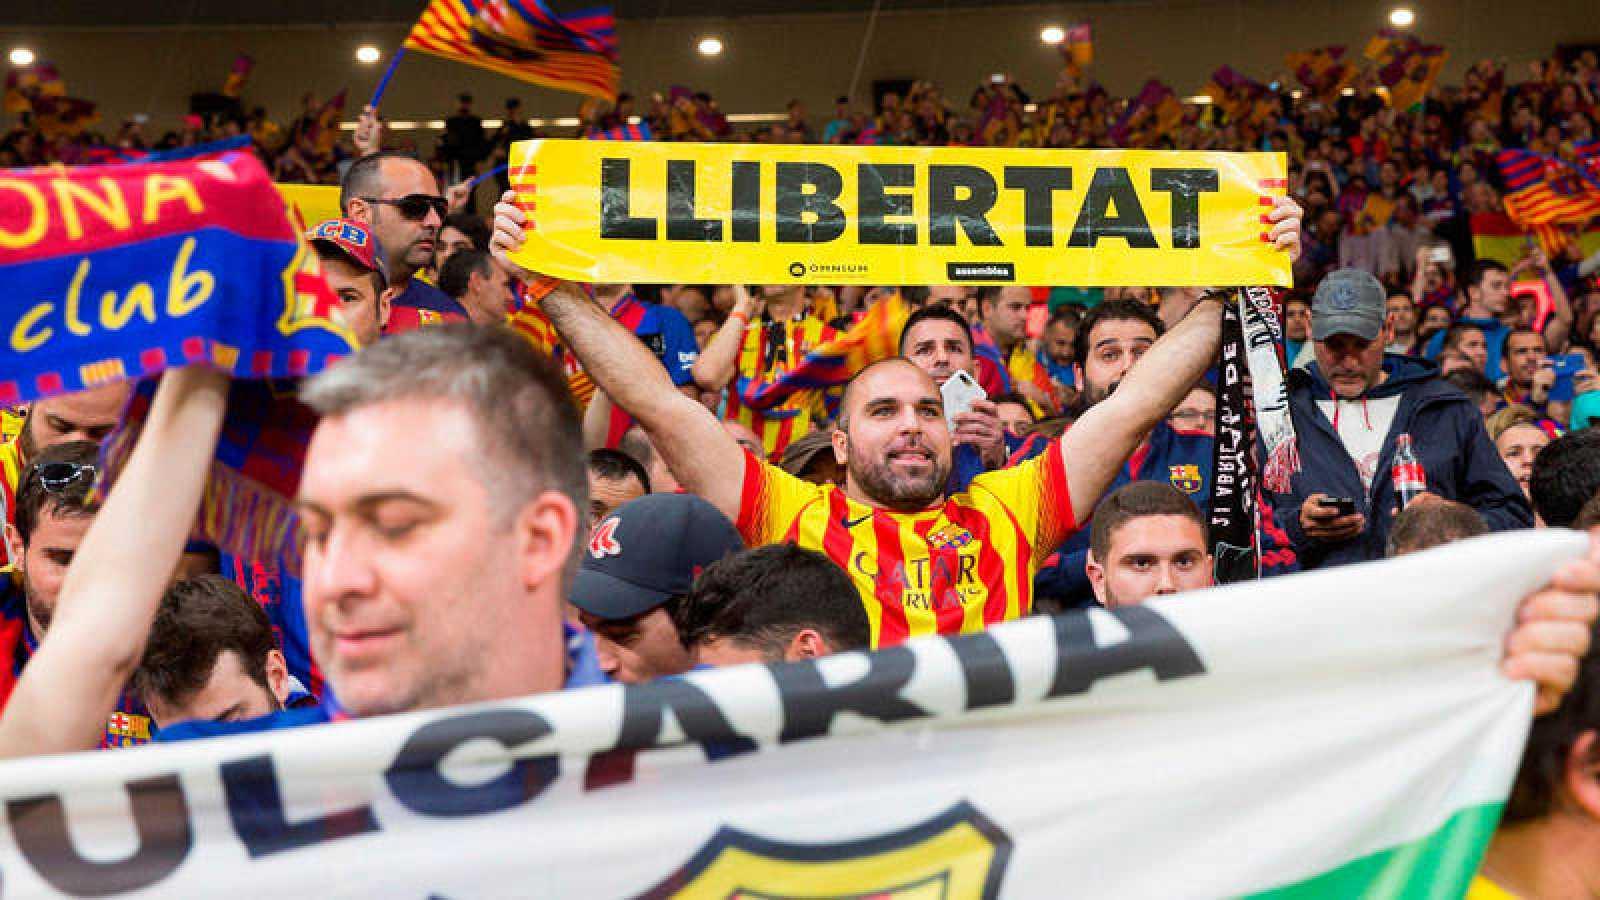 Un aficionado del Barcelona sostiene un cartel amarillo con la palabra 'Libertad' en la final de la Copa del Rey